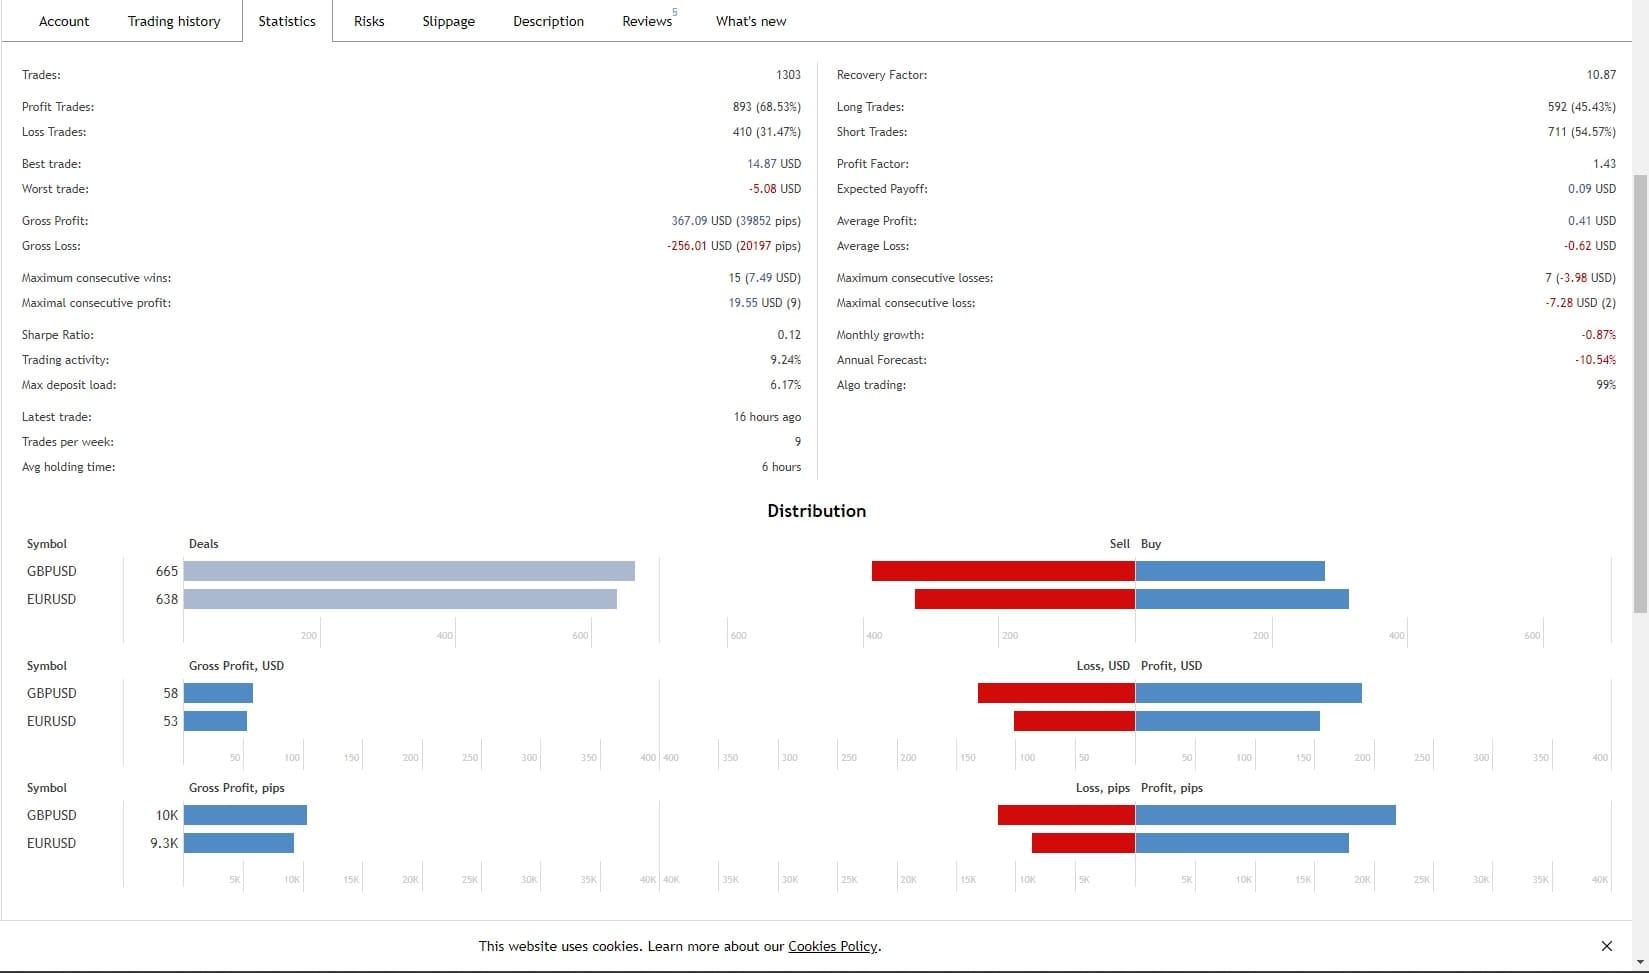 tranzacționarea semnalelor exacte cont demo pe platforma de tranzacționare